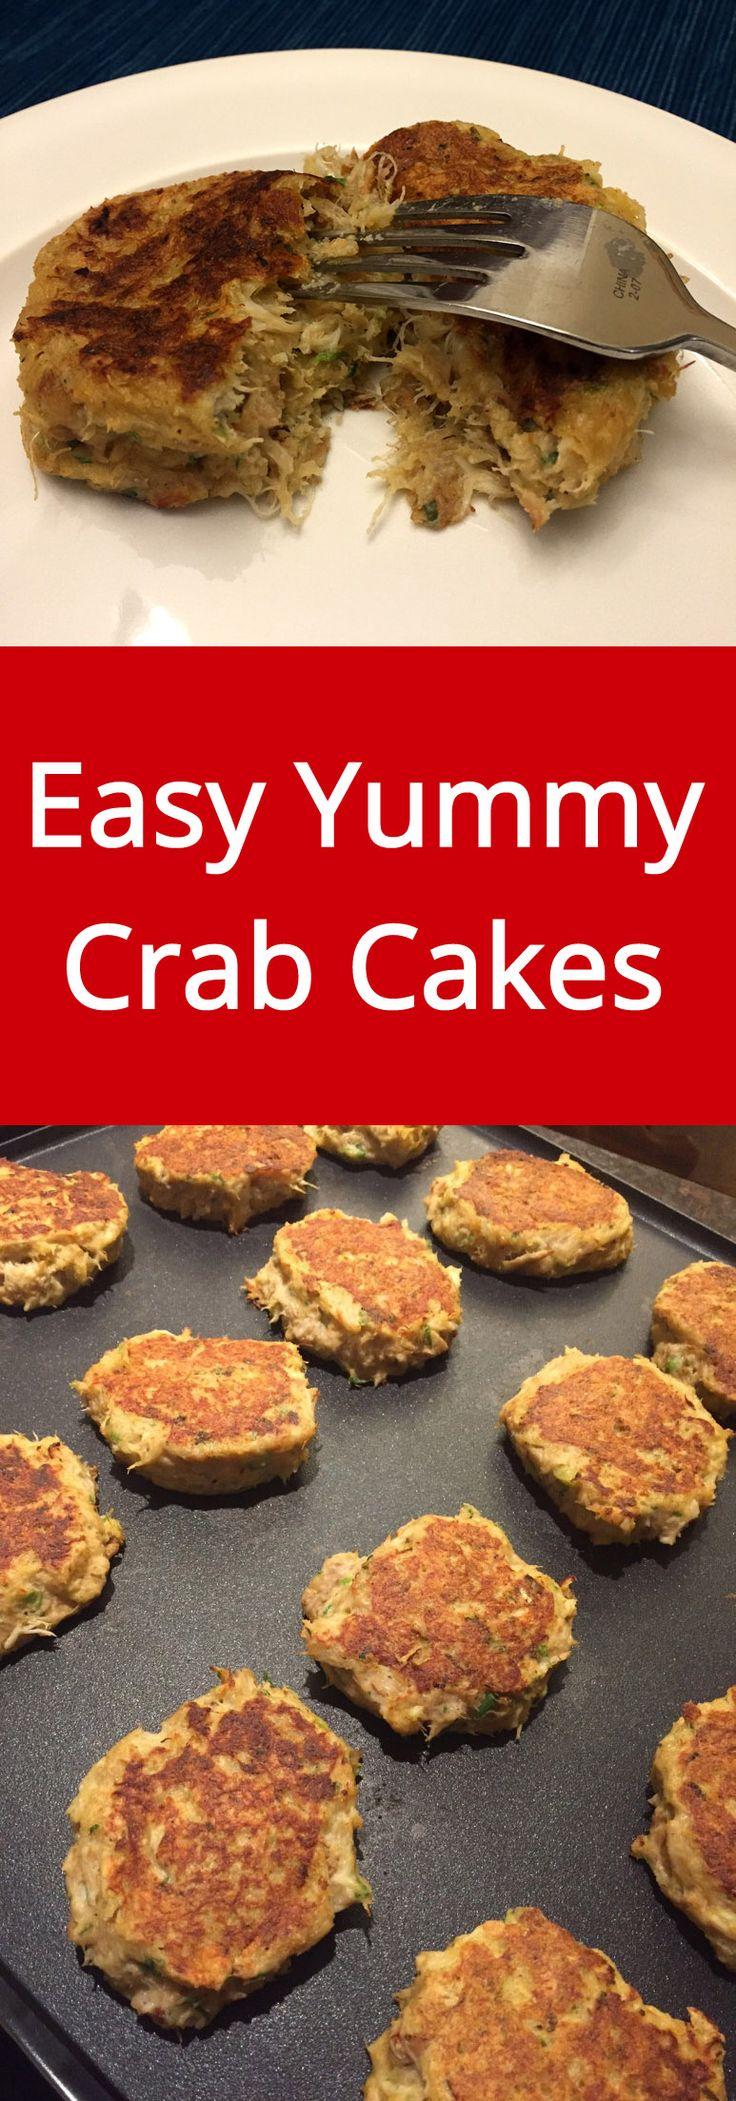 Easy Homemade Crab Cakes Recipe - so delicious, I love crab cakes!   MelanieCooks.com